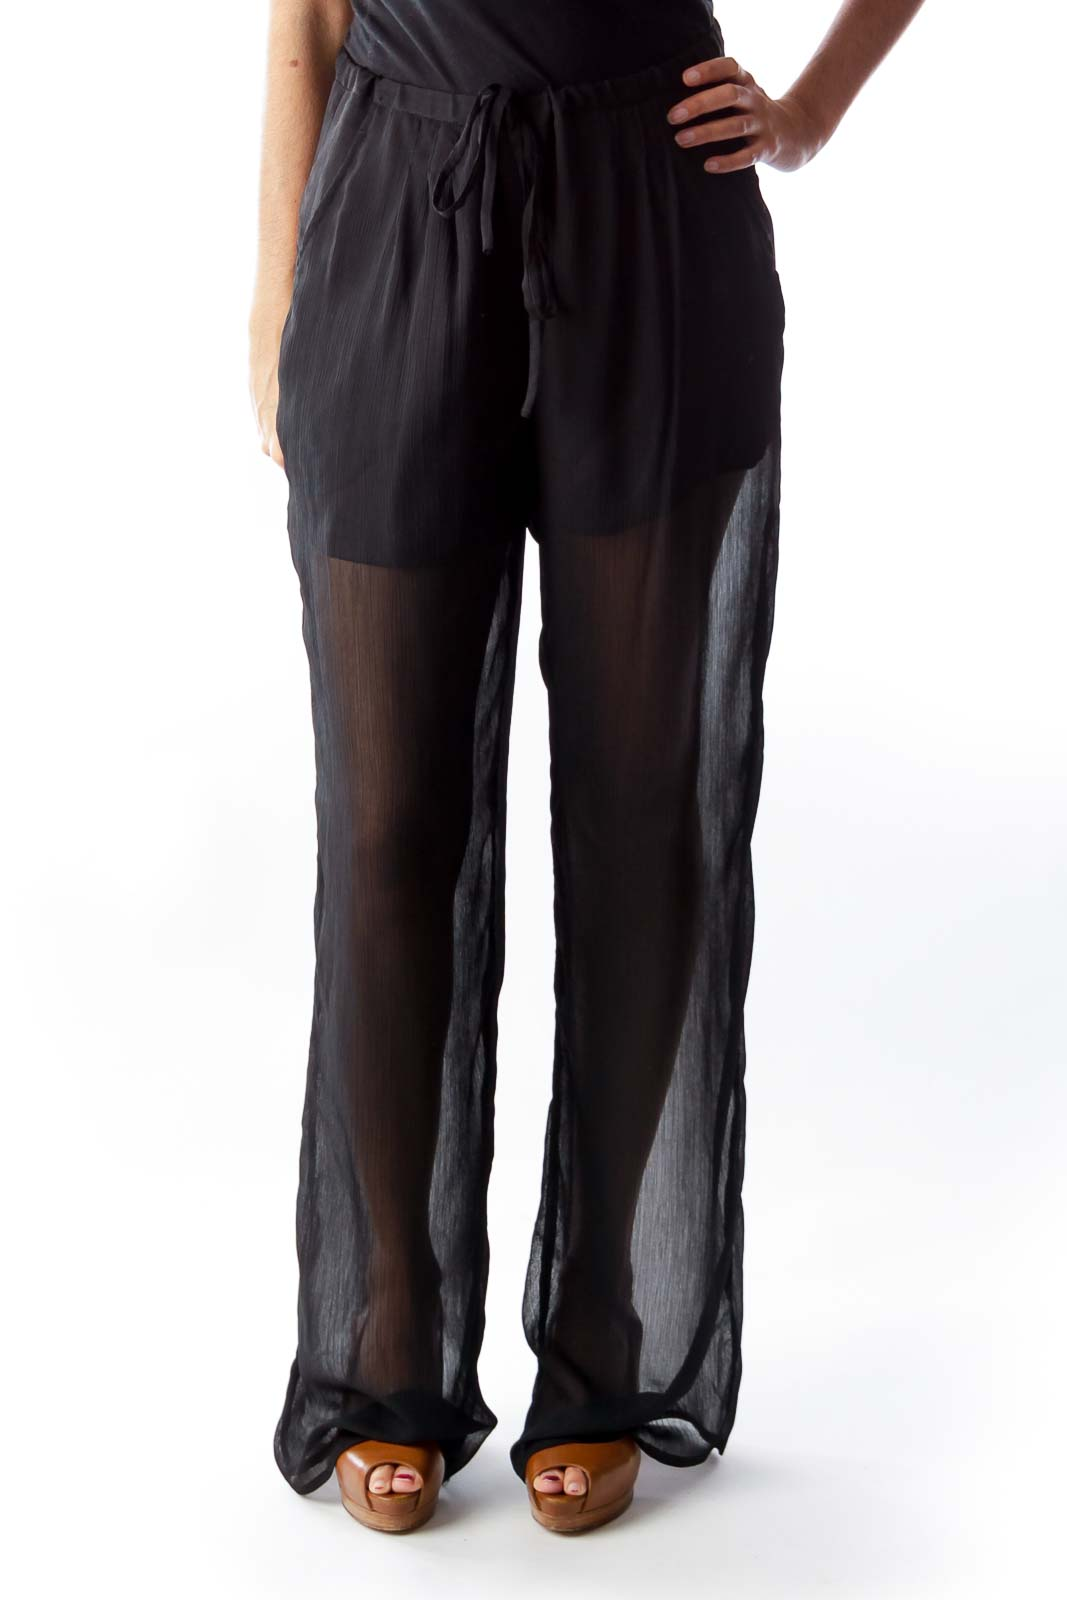 Black Pants Front